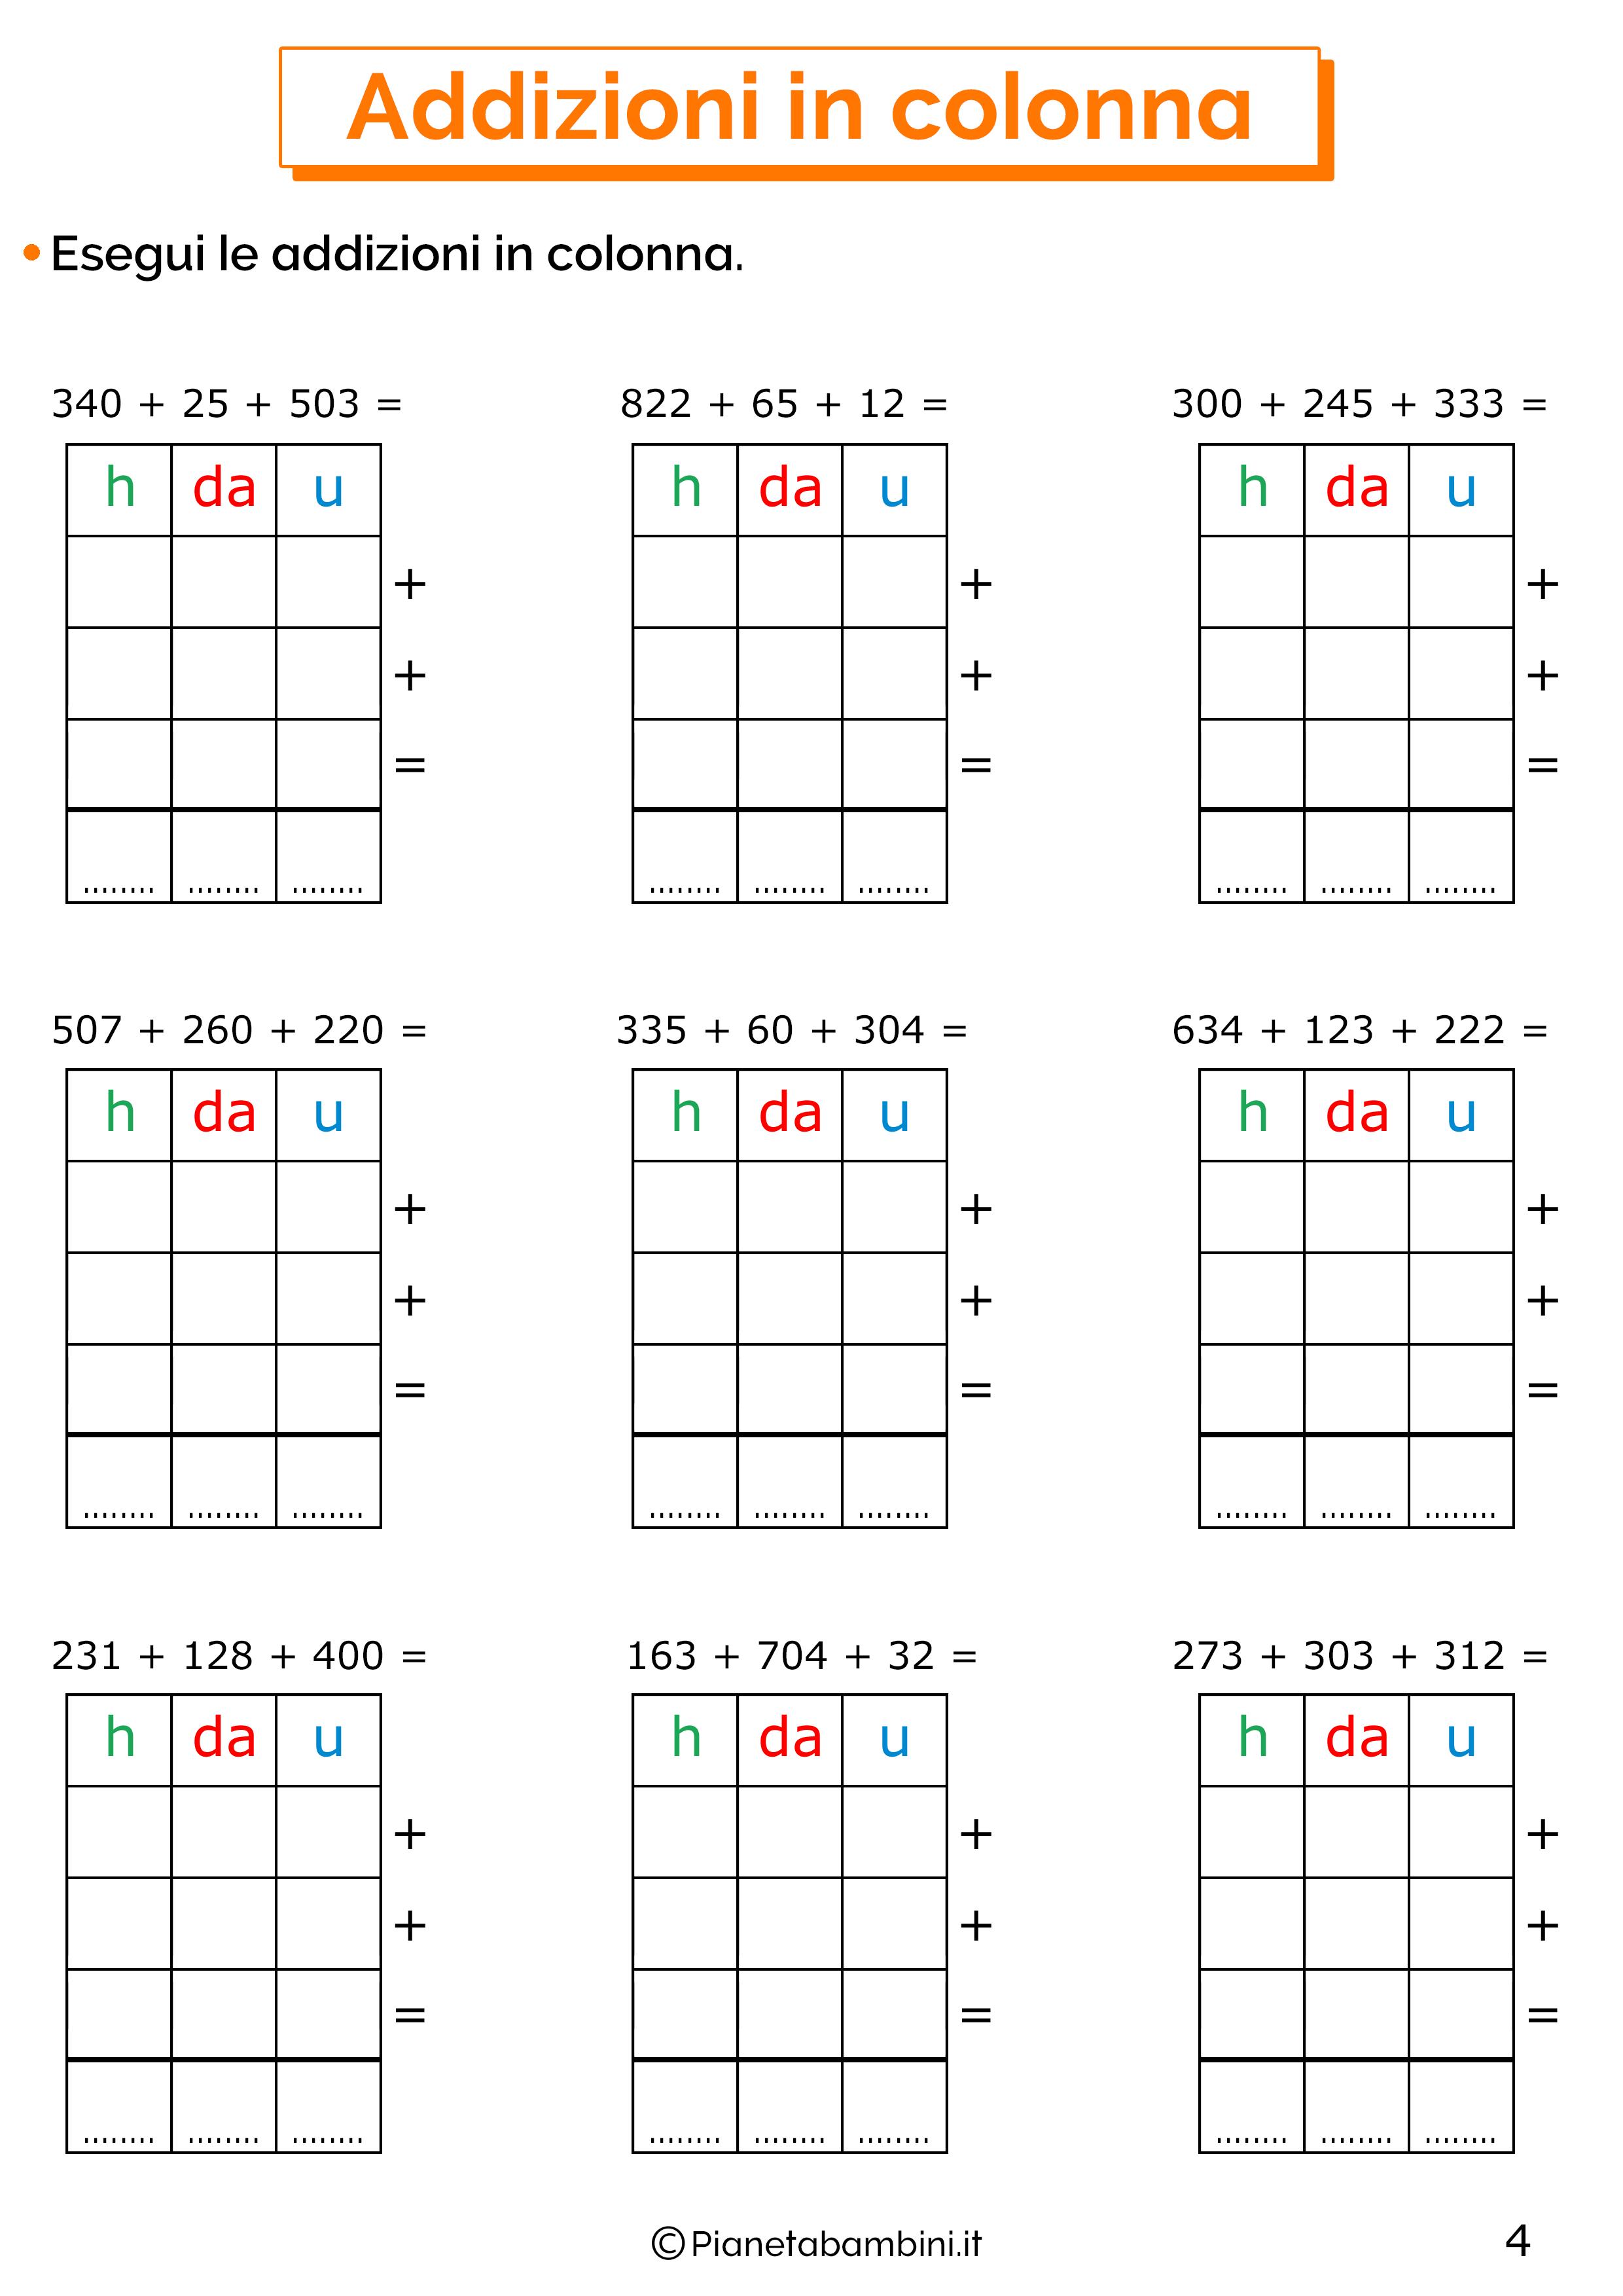 Addizioni in colonna a tre cifre senza cambio per la classe terza 4